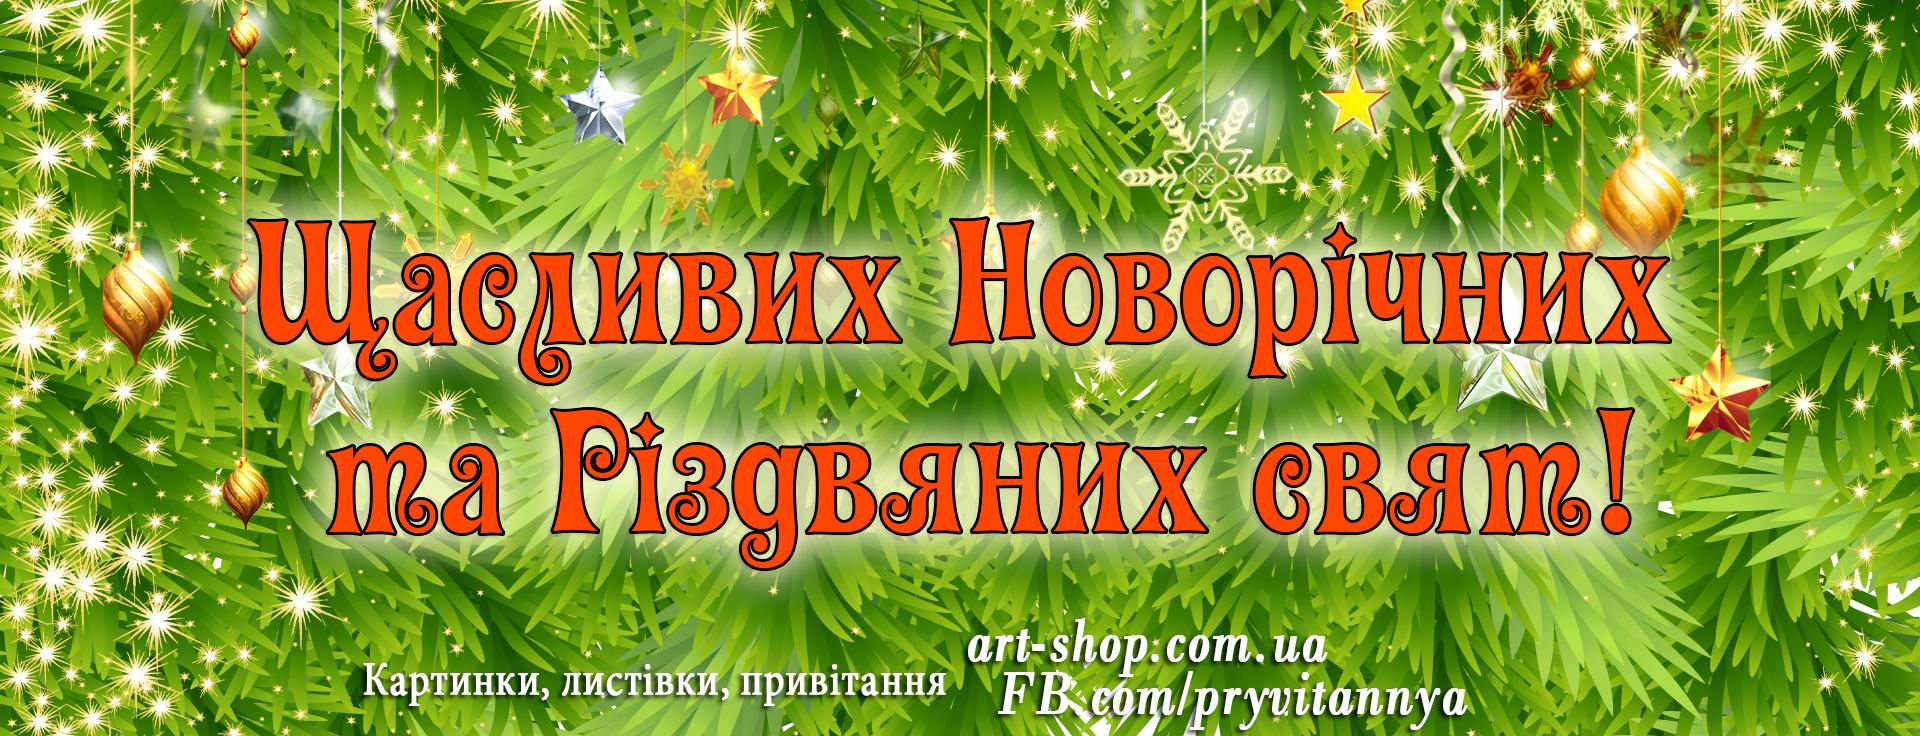 новорічна обкладинка фейсбук